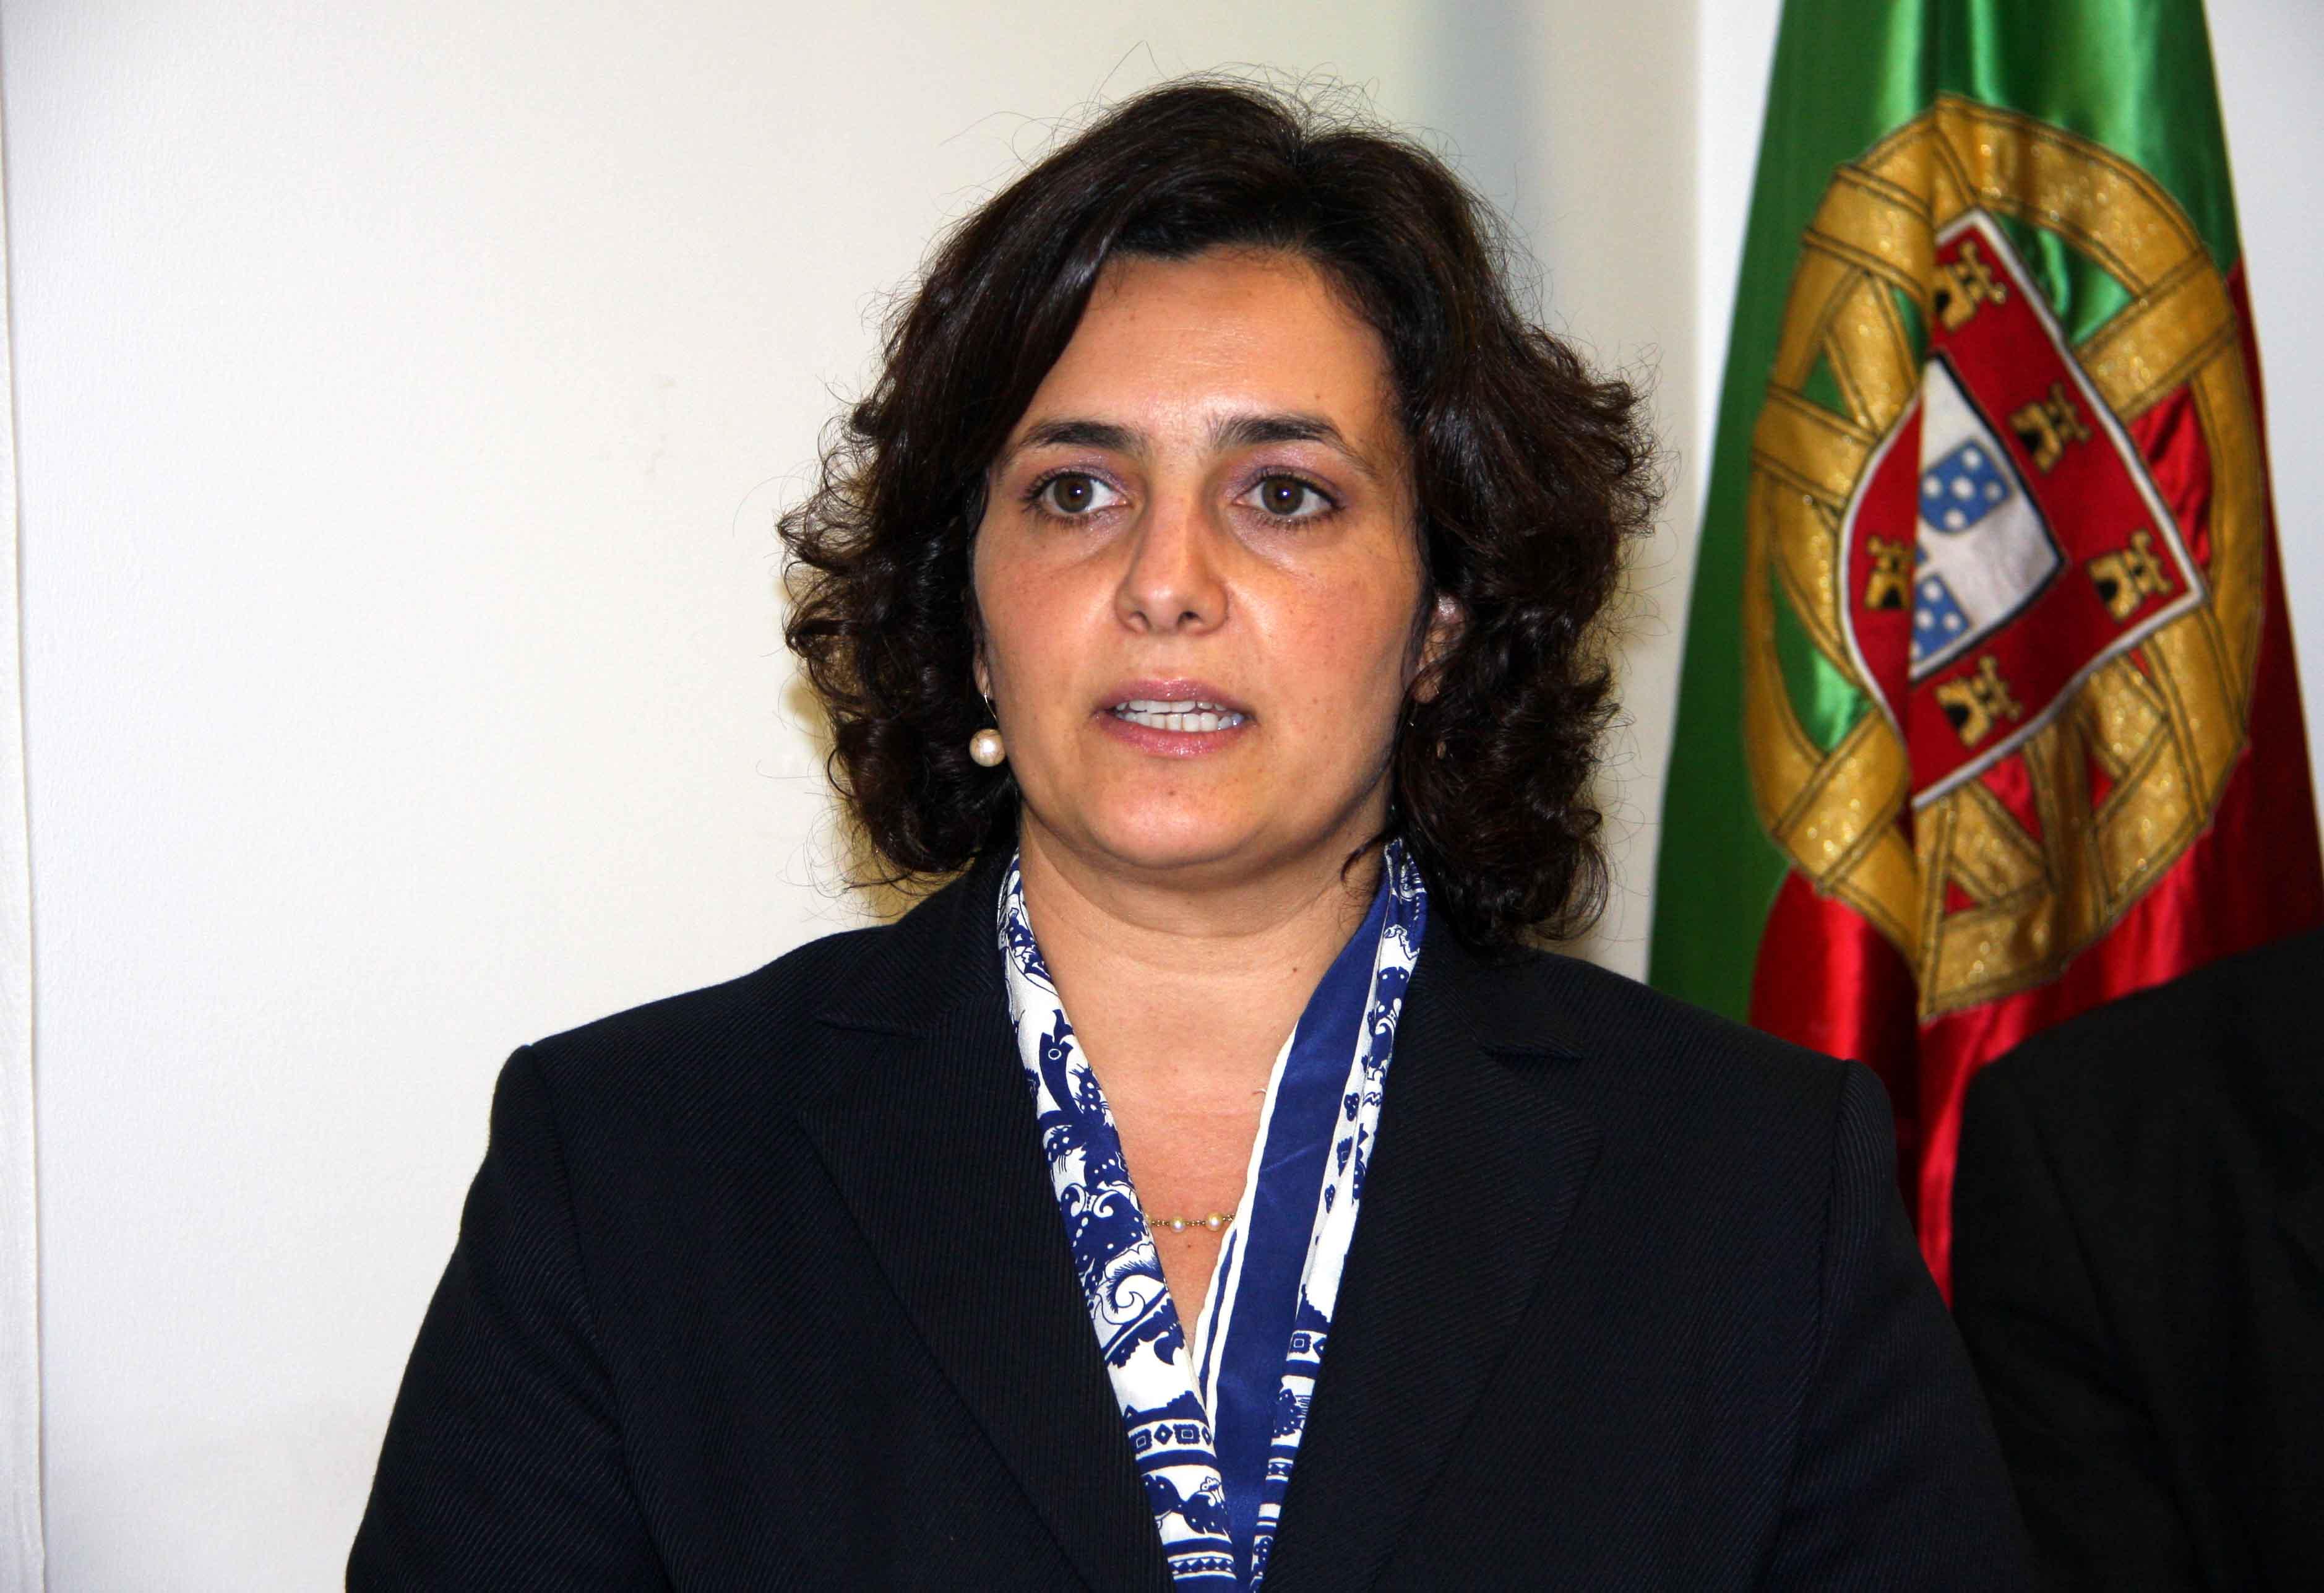 Governos dos Açores e da República partilham interpretação sobre regime contributivo da lavoura, garante Andreia Cardoso